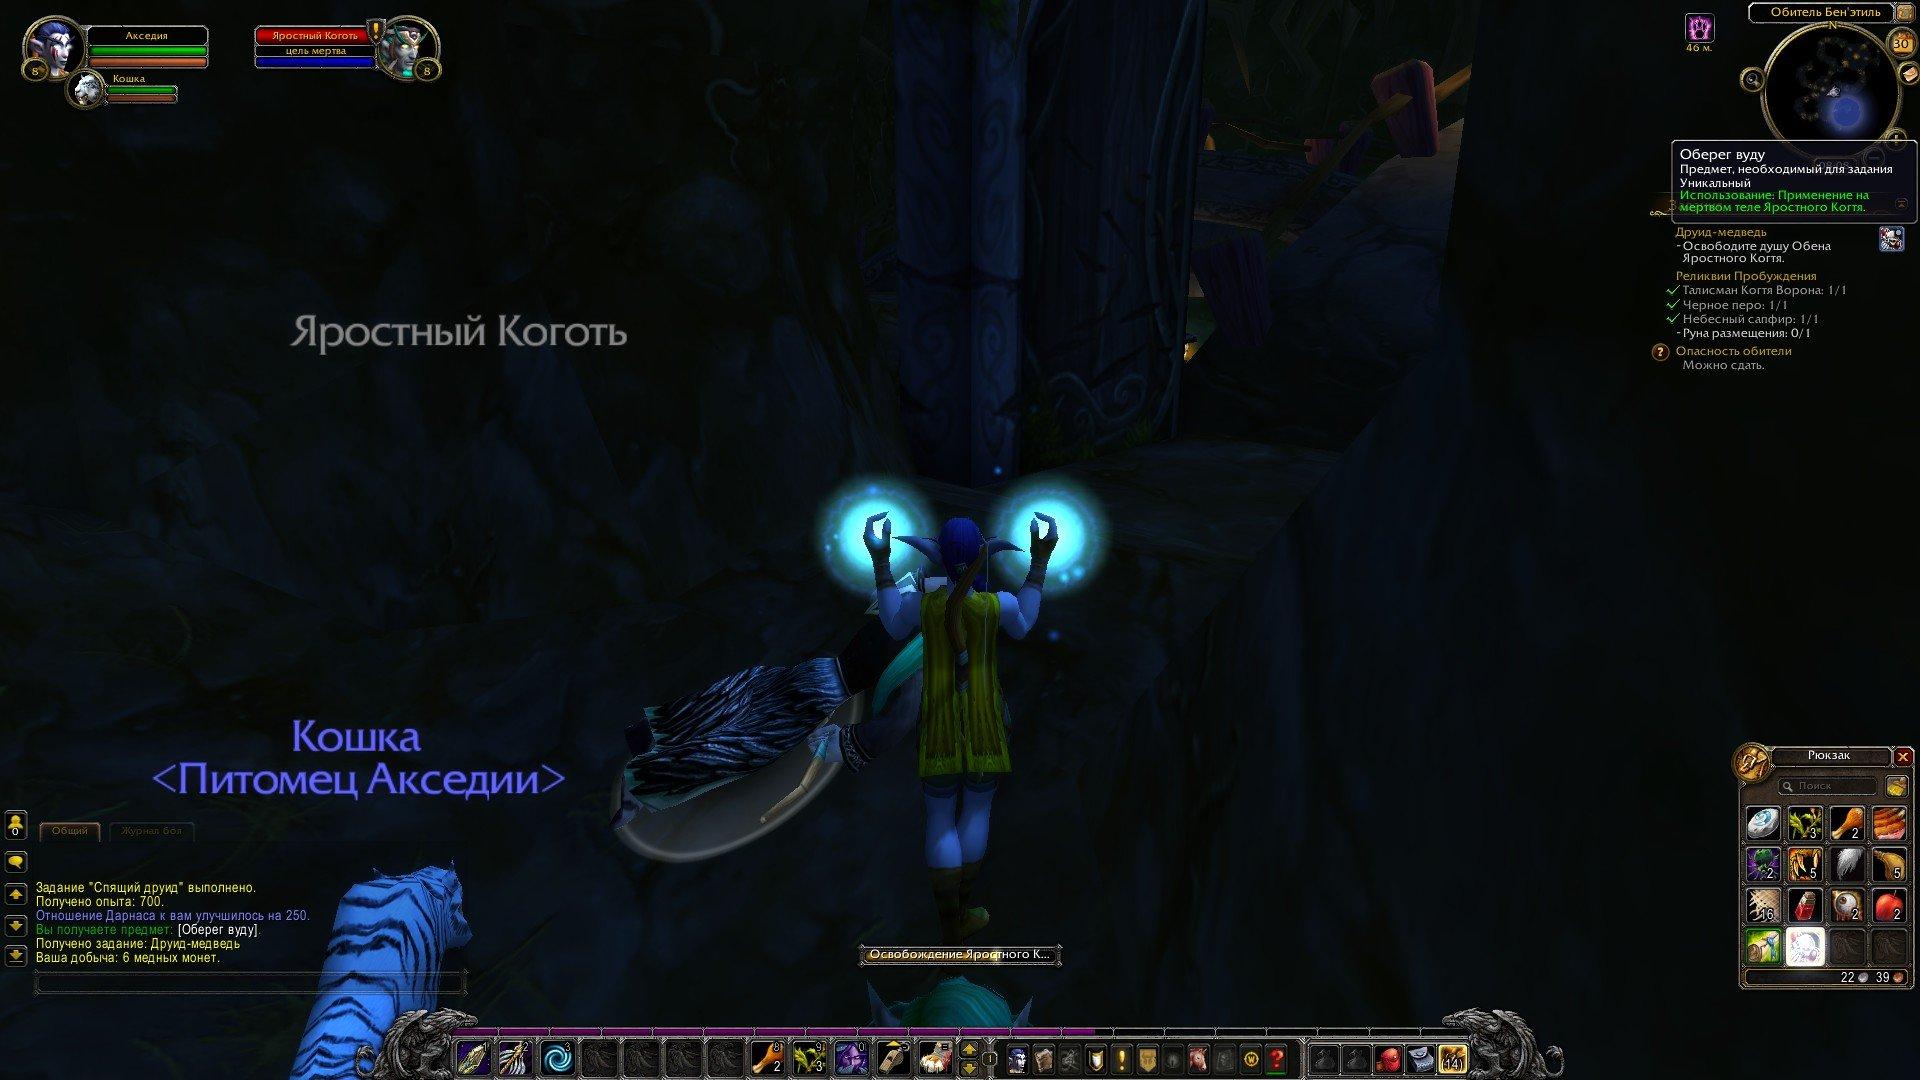 Путешествие по World of Warcraft ... Знакомство - Изображение 11